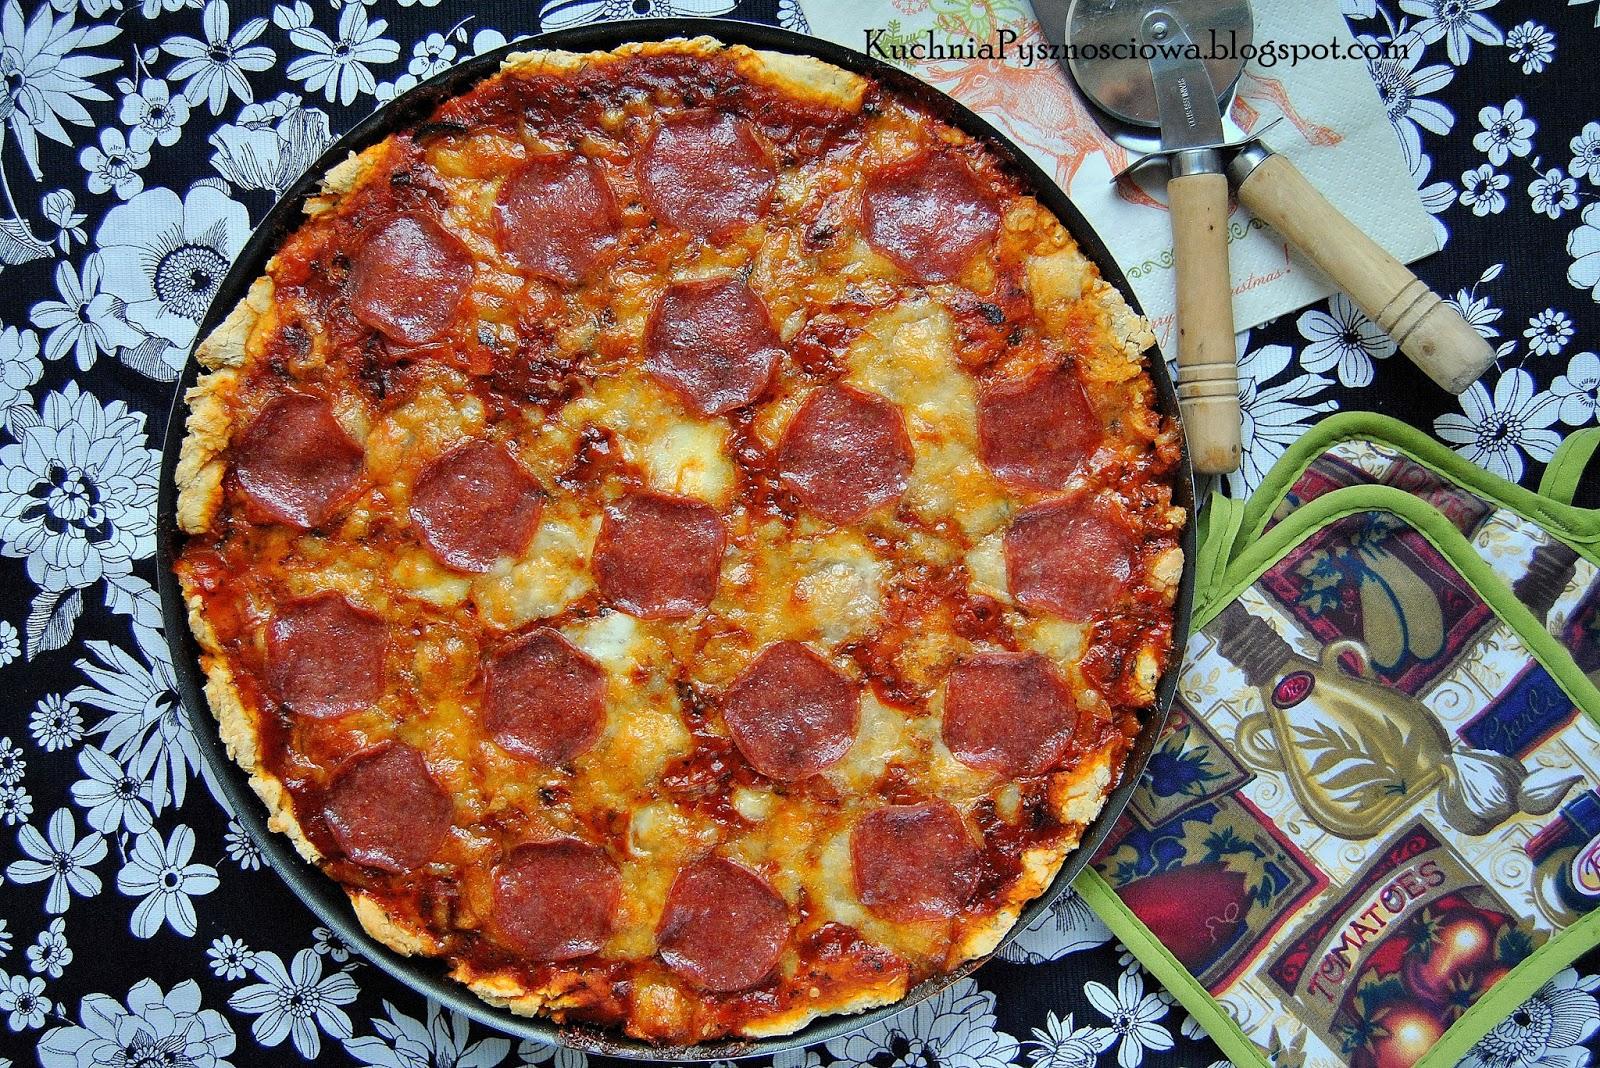 184. Pizza pepperoni specjalnie na Dzień Pizzy